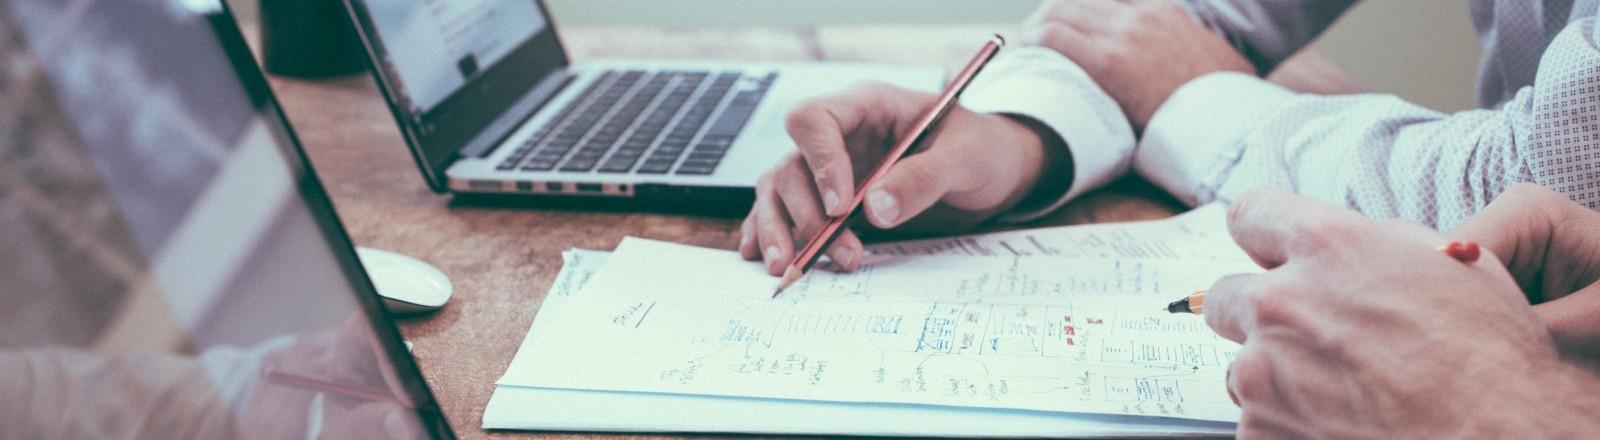 Zwei Männer sitzen an ihren Computern und schreiben Notizen auf ein Blatt Papier.